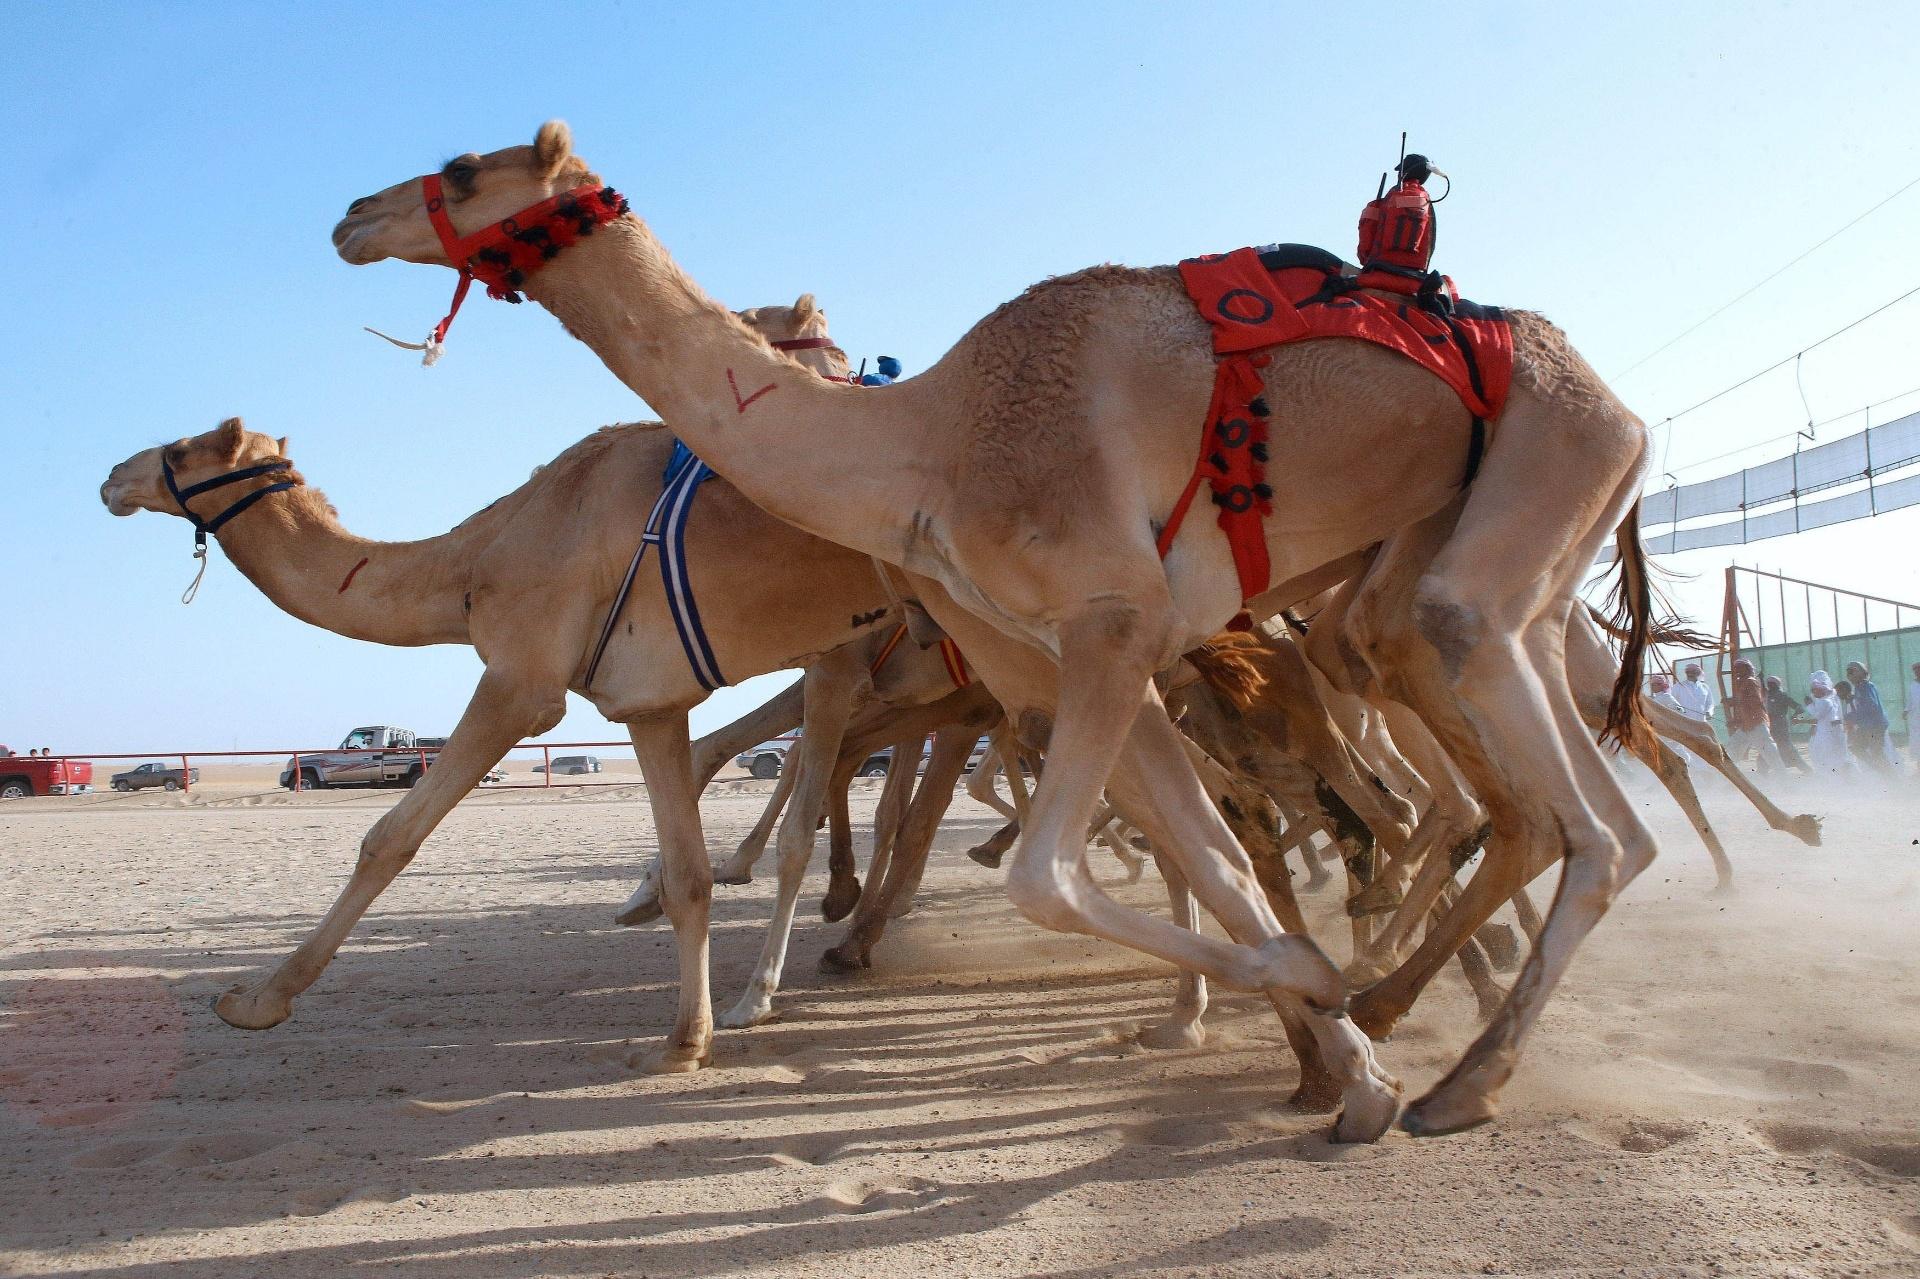 15.out.2016 - Diferente do que estamos acostumados no Brasil, em Kabad, no Kuwait, pessoas assistem corridas de camelos, treinados exclusivamente para as competições